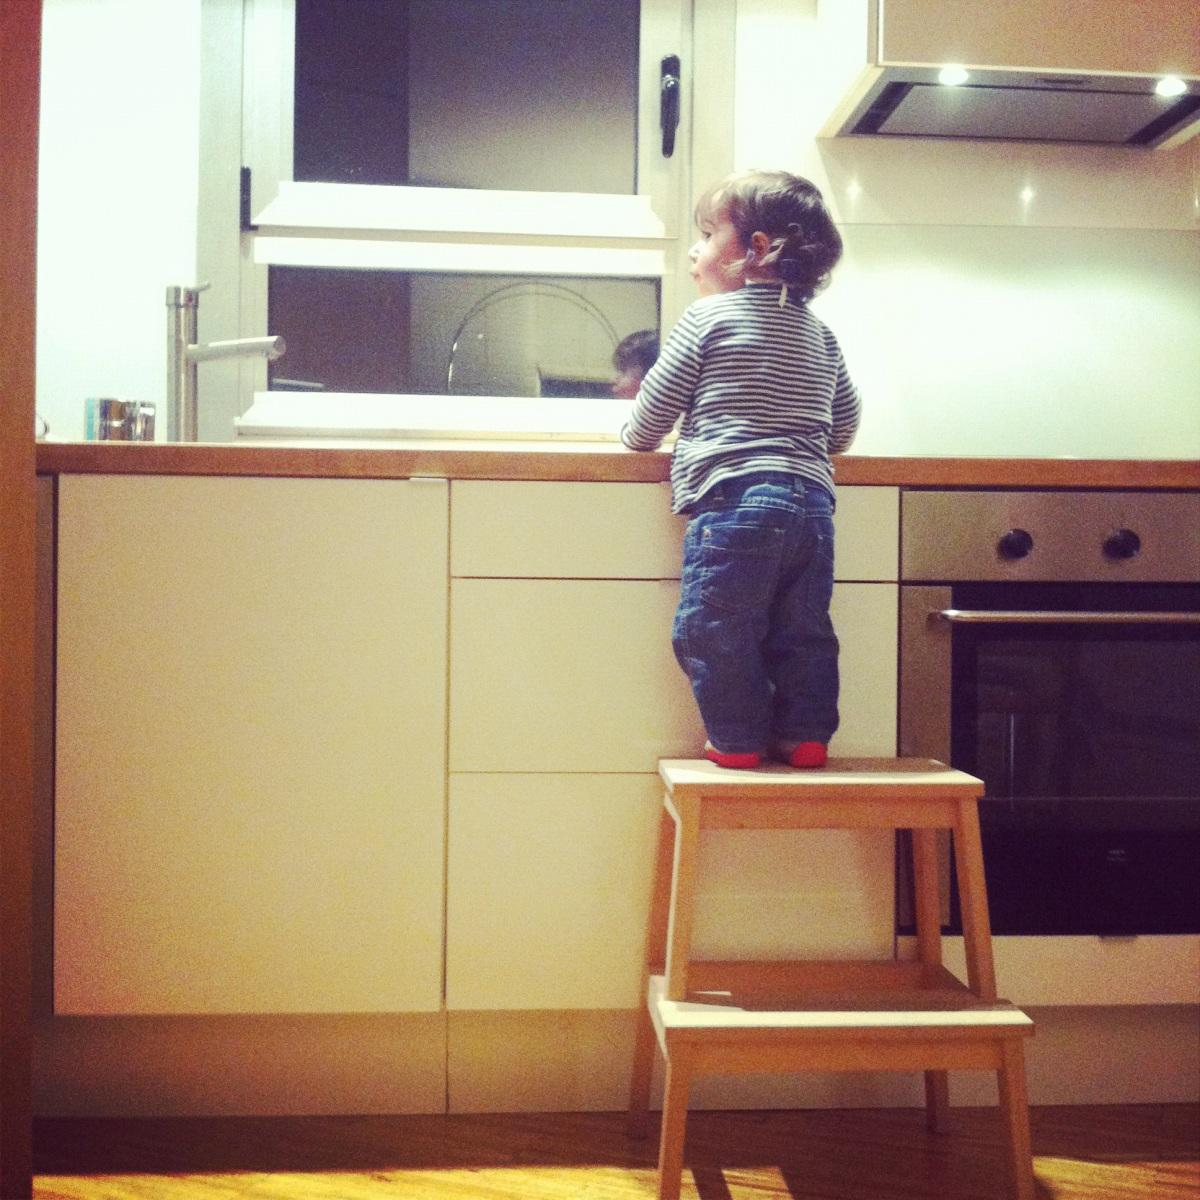 Opini n sobre las cocinas de ikea nuestra experiencia for Configurador de cocinas ikea